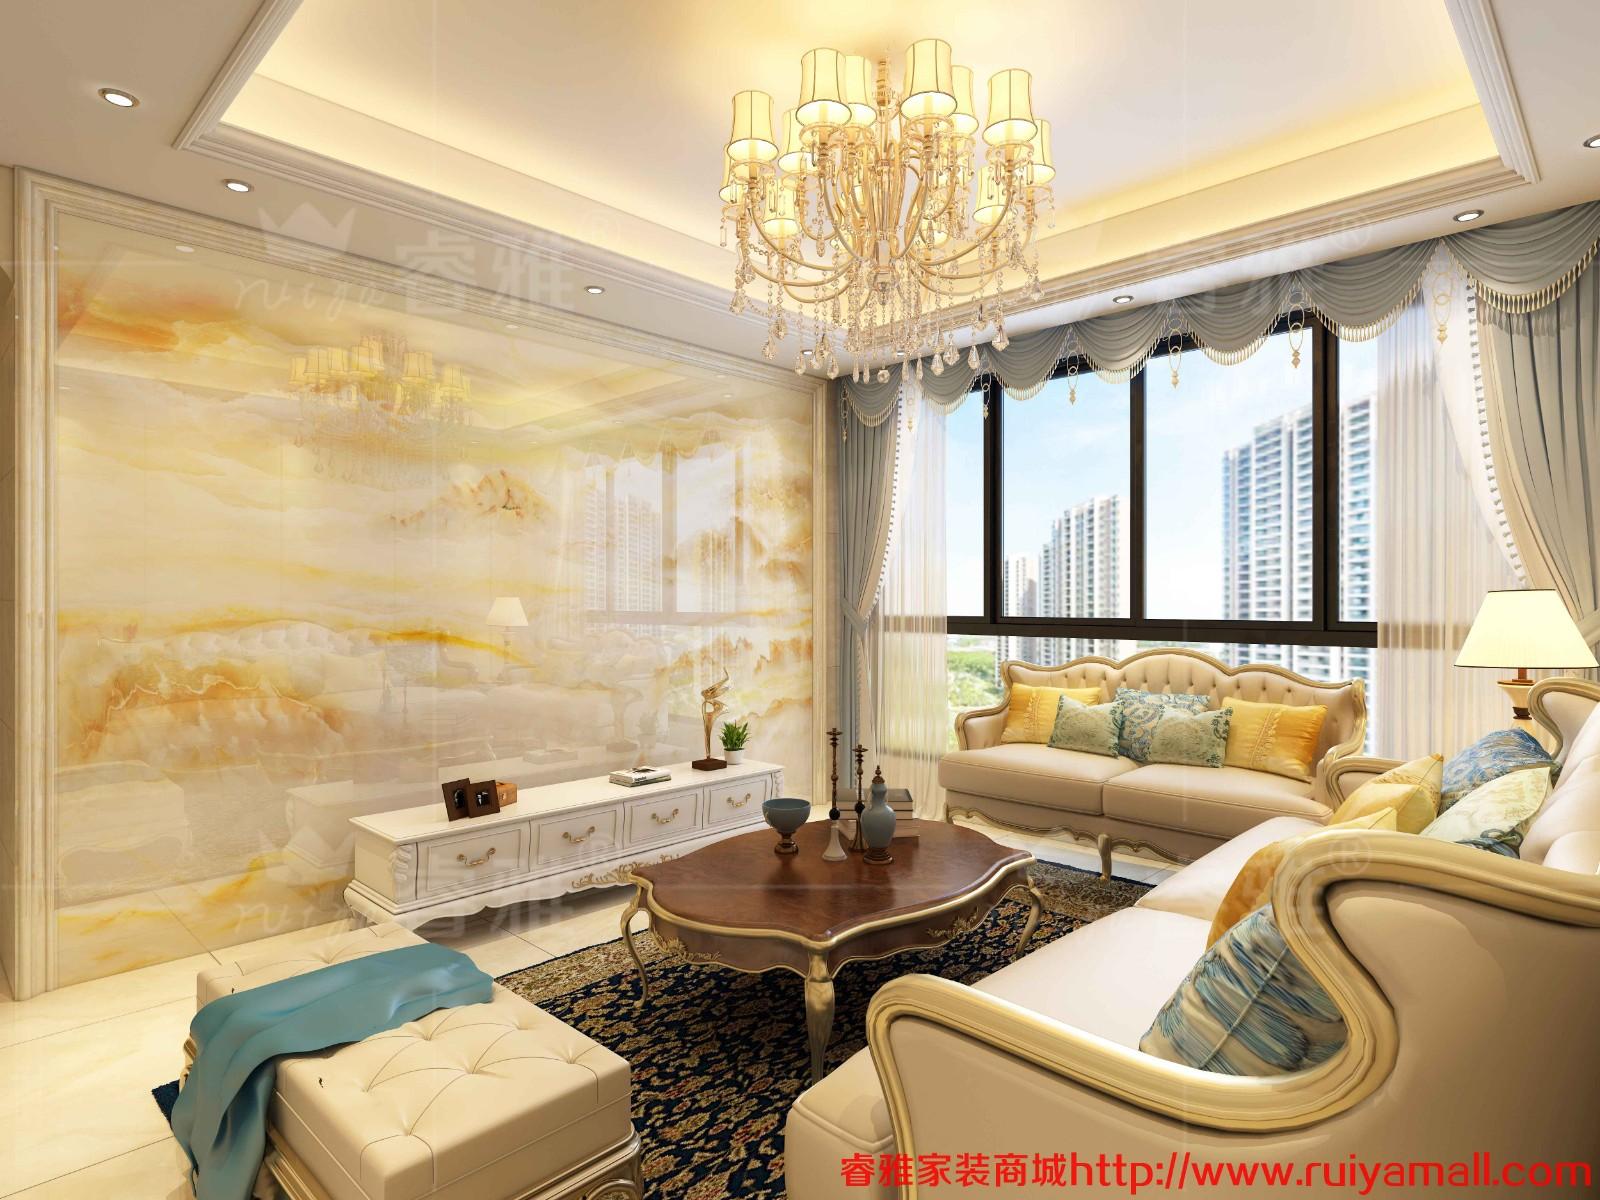 客厅石材背景墙_电视背景墙瓷砖现代简约客厅3D微晶石石材边框装饰造型 - 沙发 ...